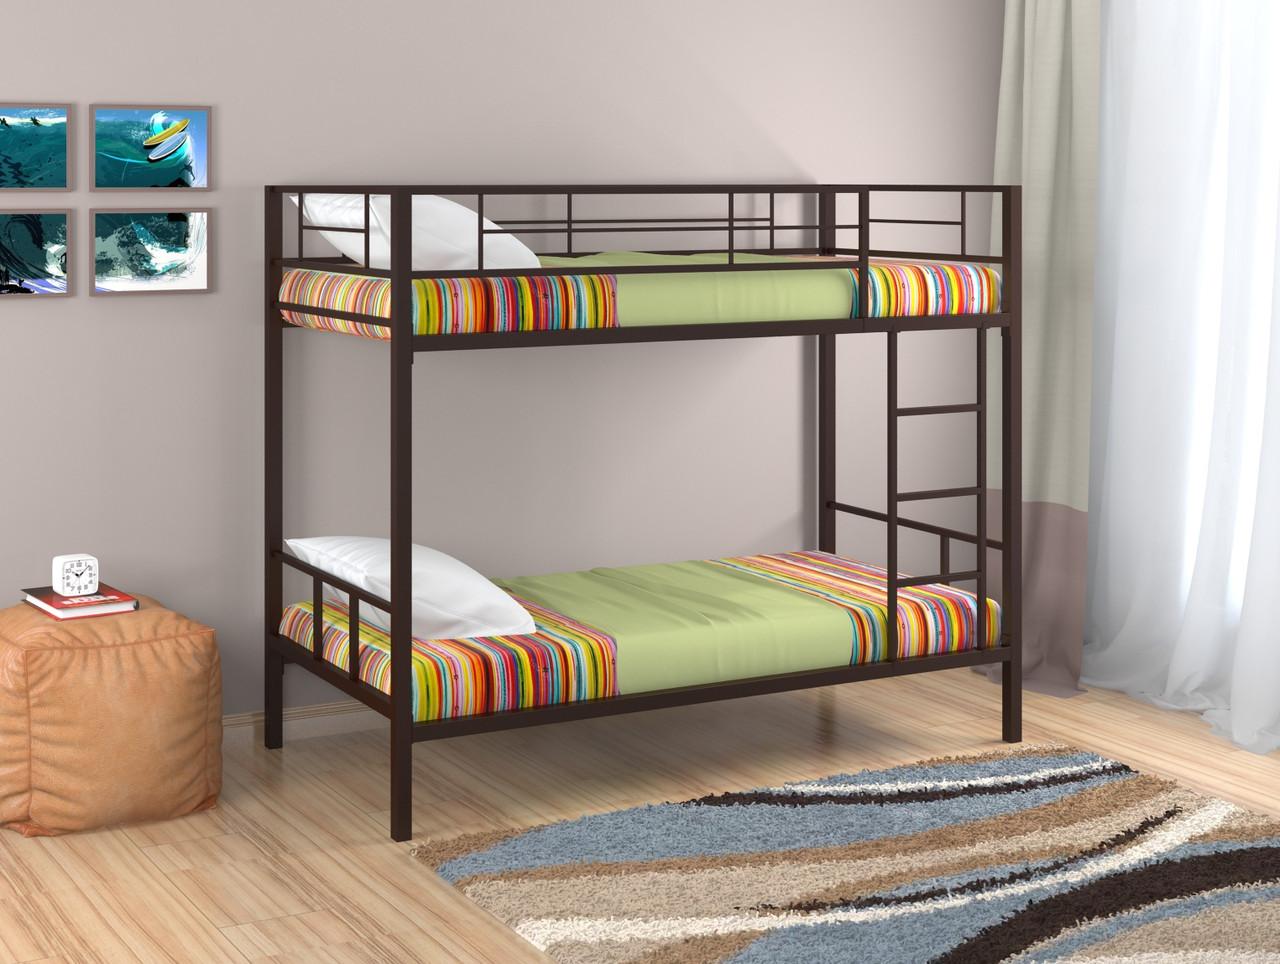 Кровать двухъярусная Севилья -2, коричневый